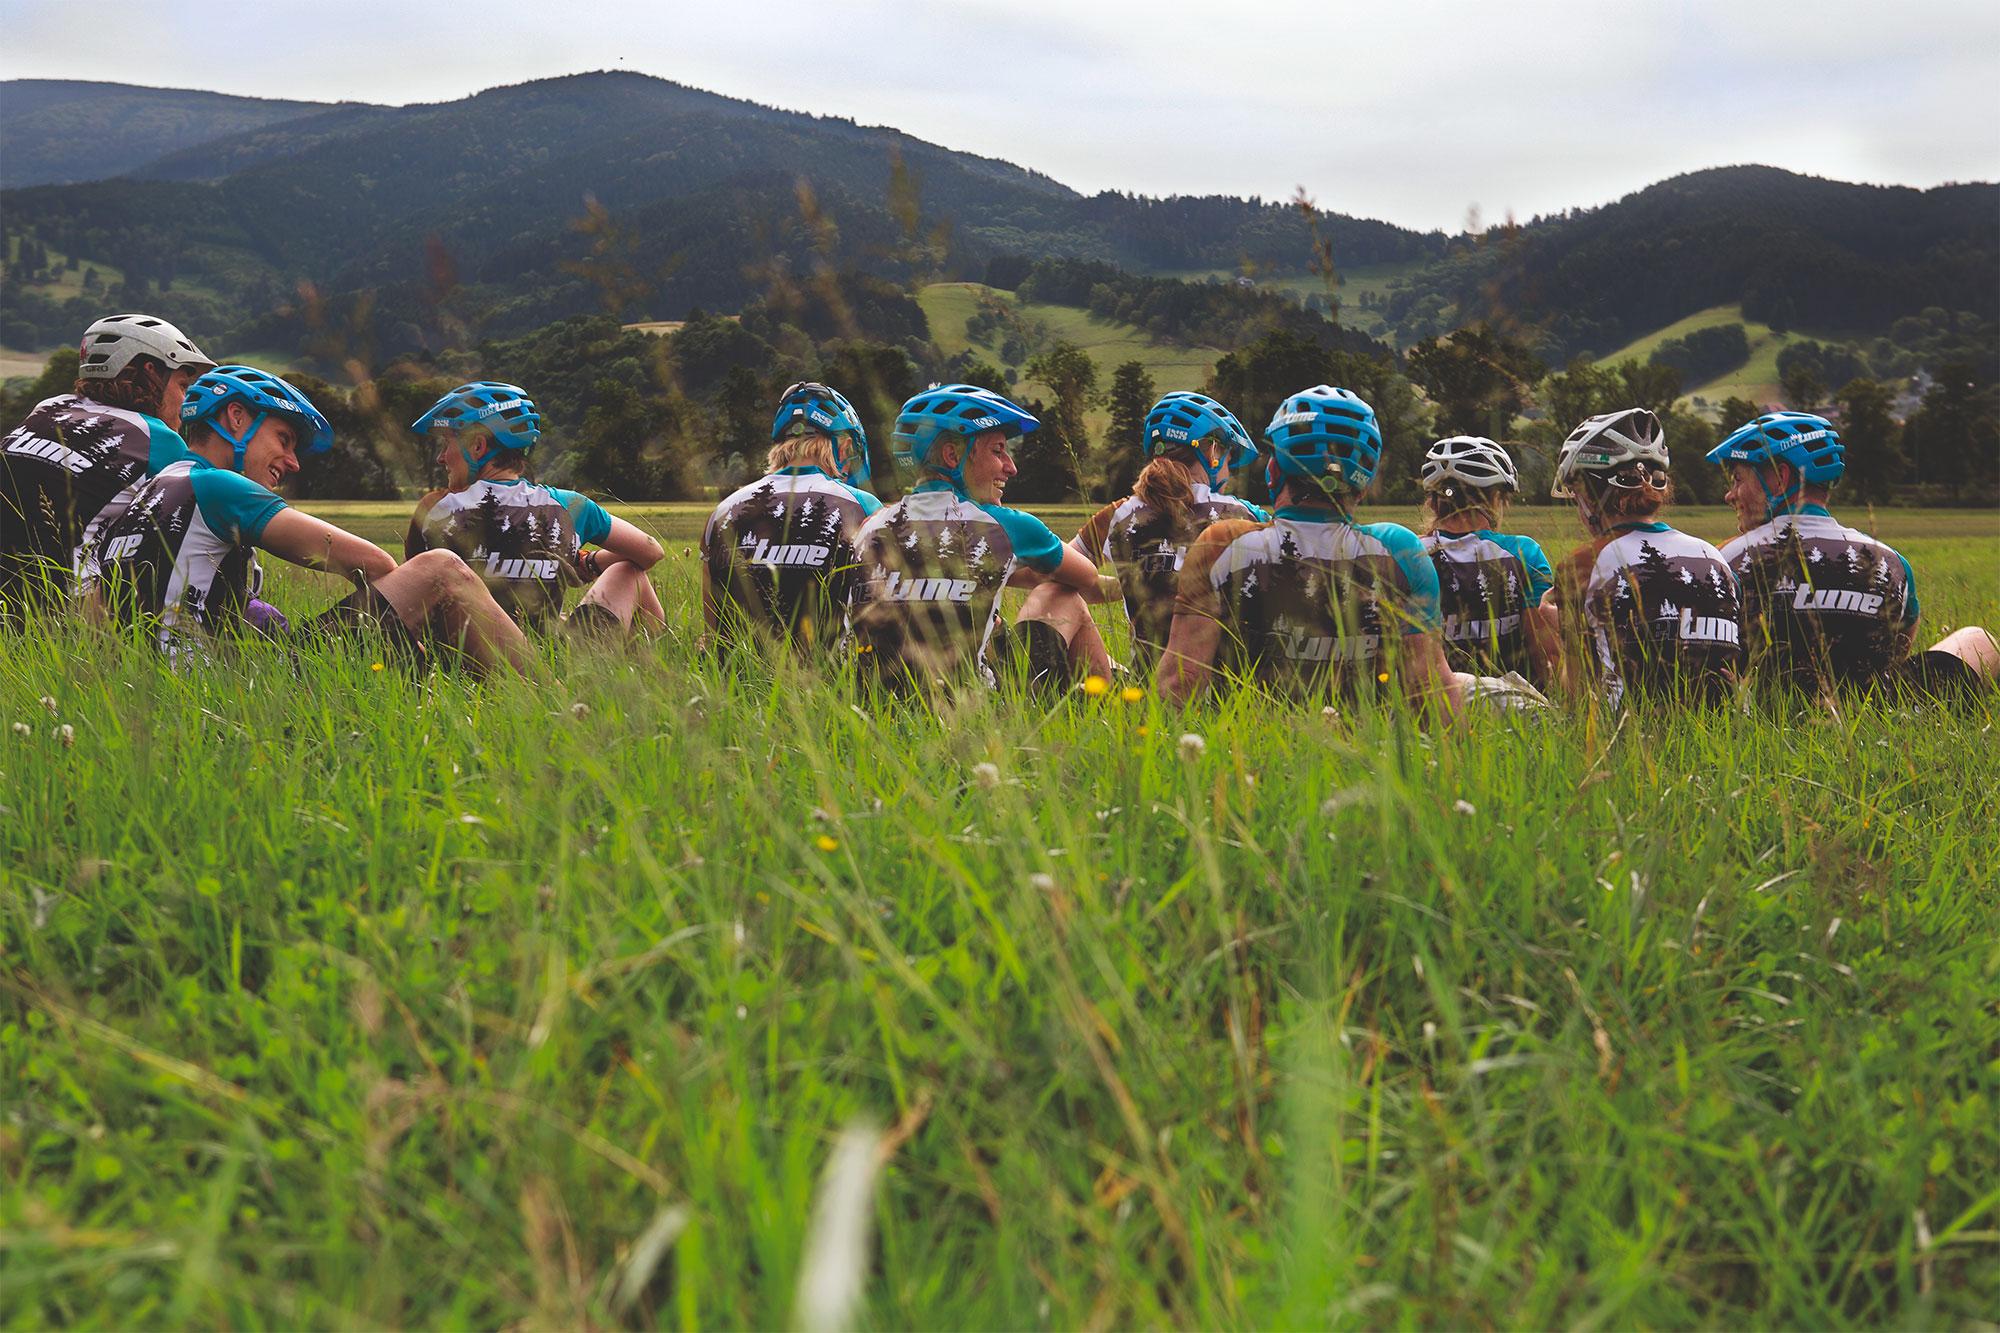 Das beitune Team sitzt auf einer grünen Wiese und blickt auf die Schwarzwaldgipfel.